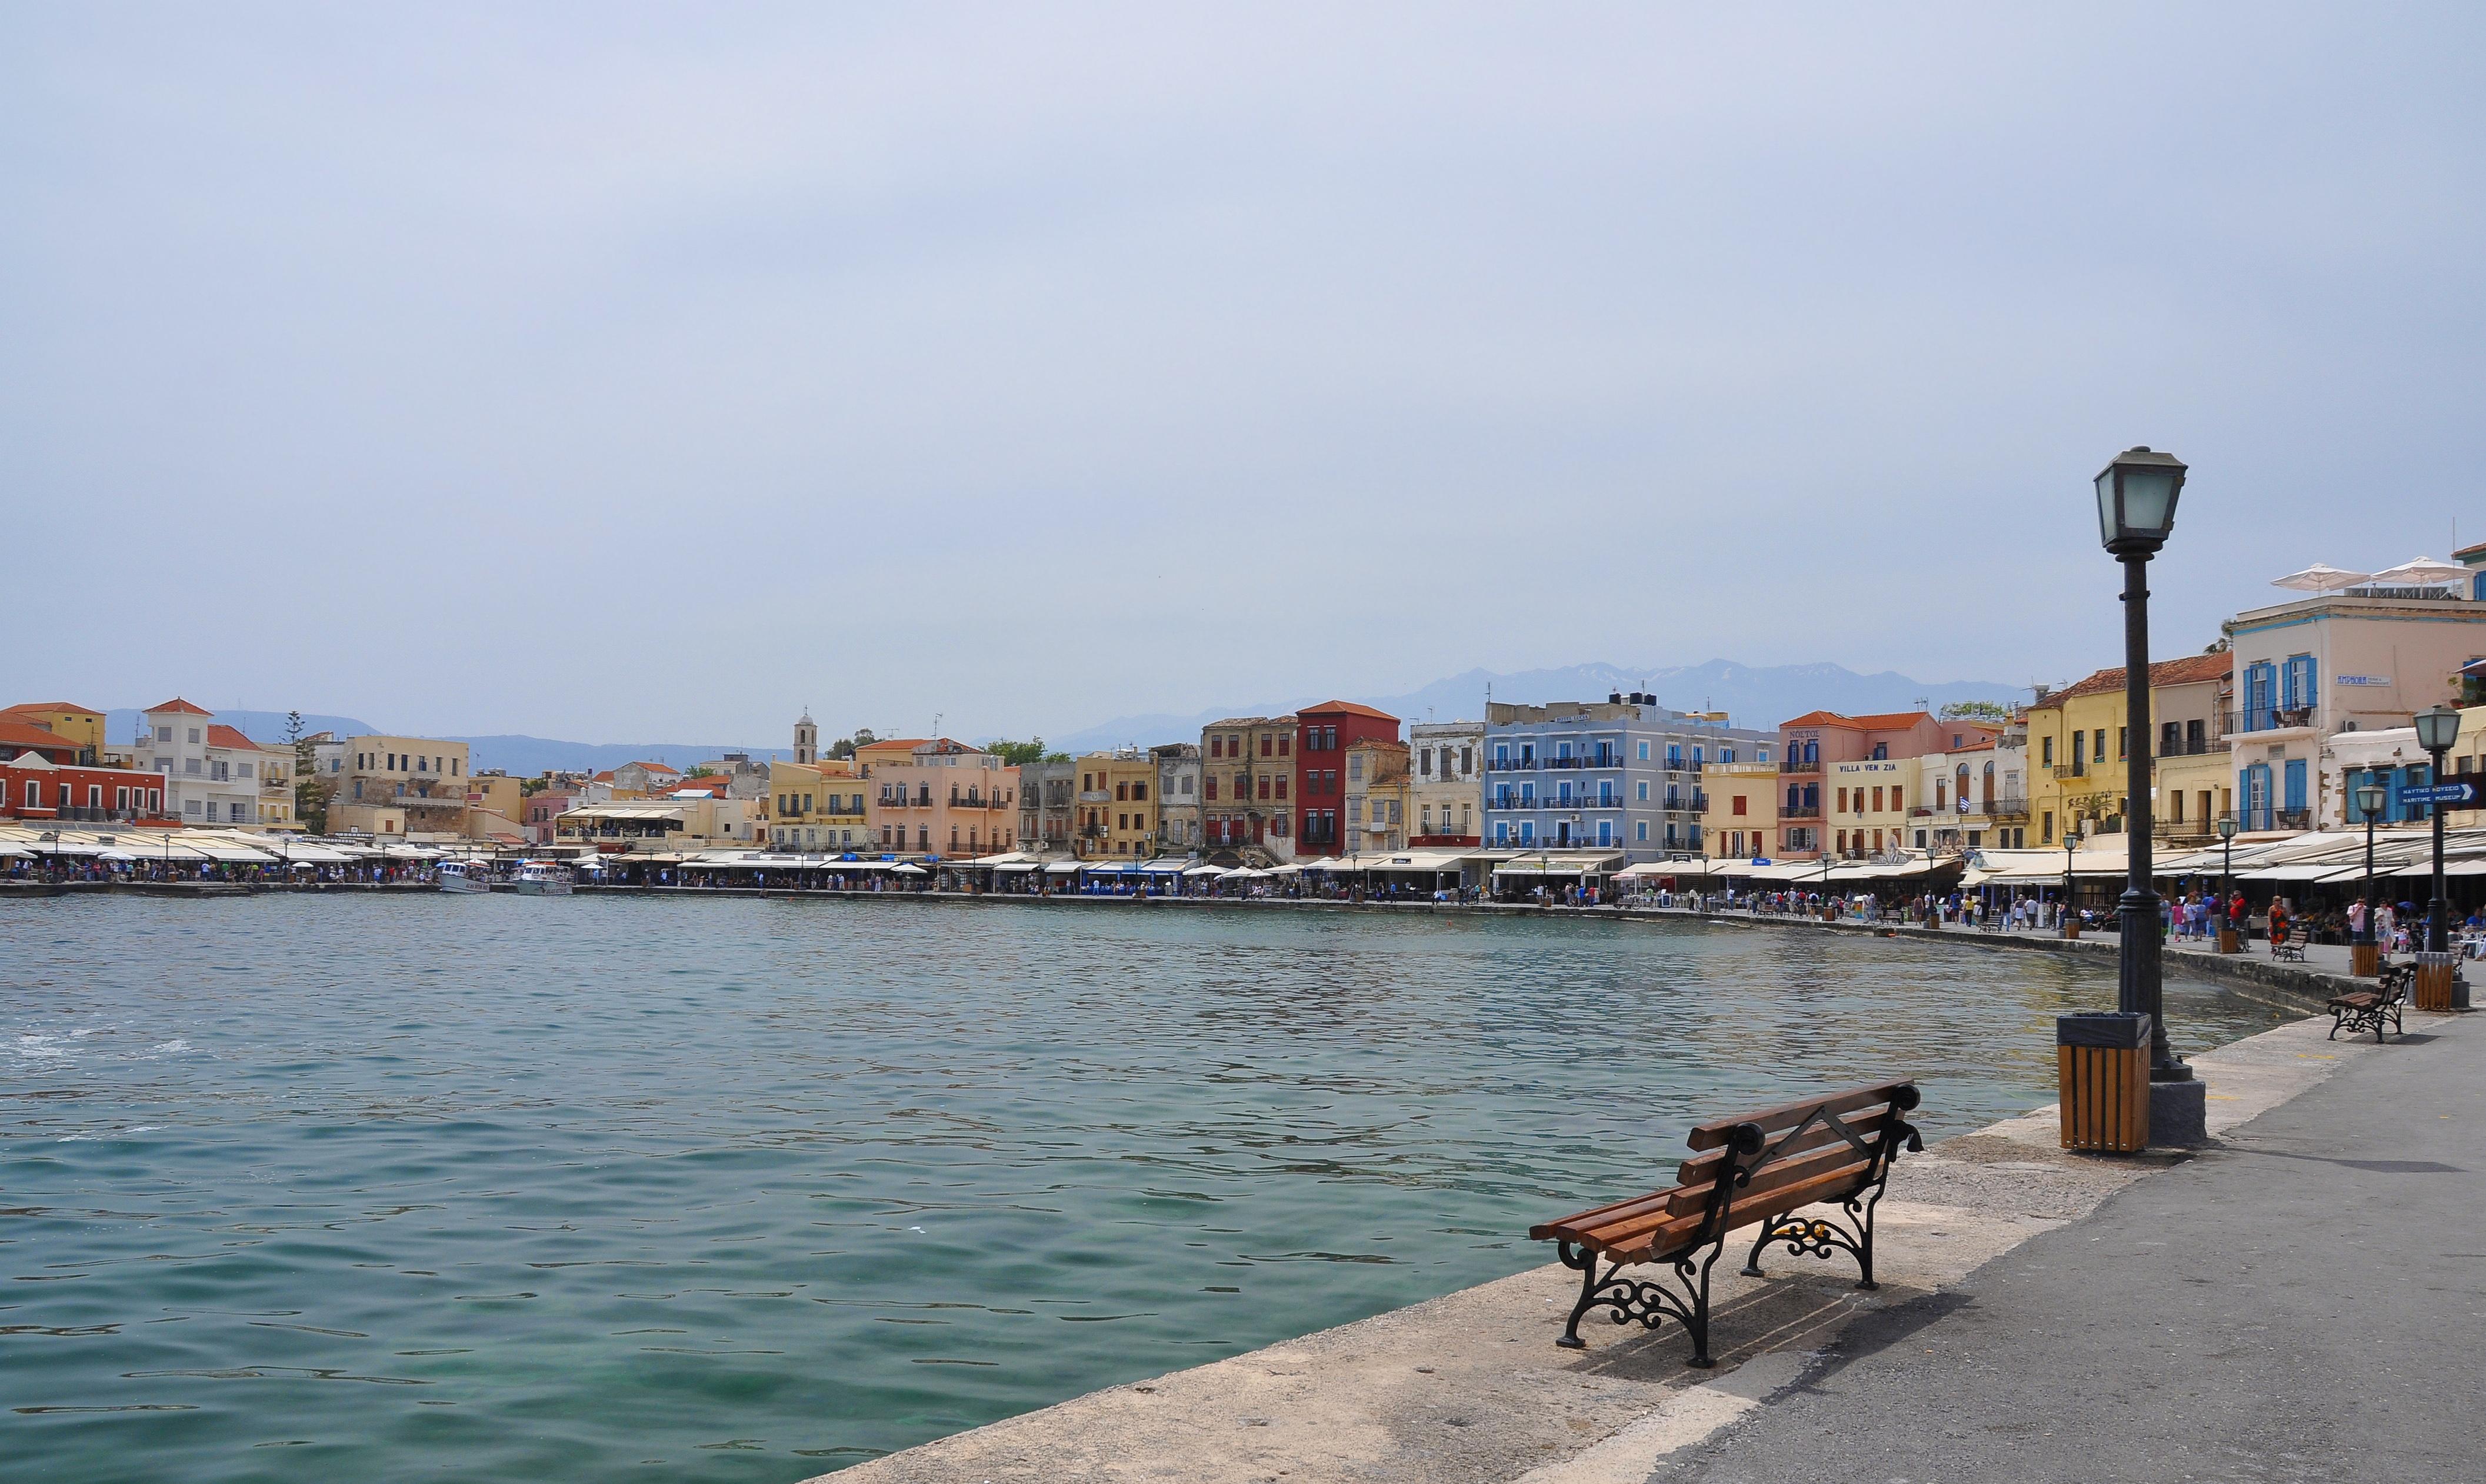 Αποτέλεσμα εικόνας για old harbor chania